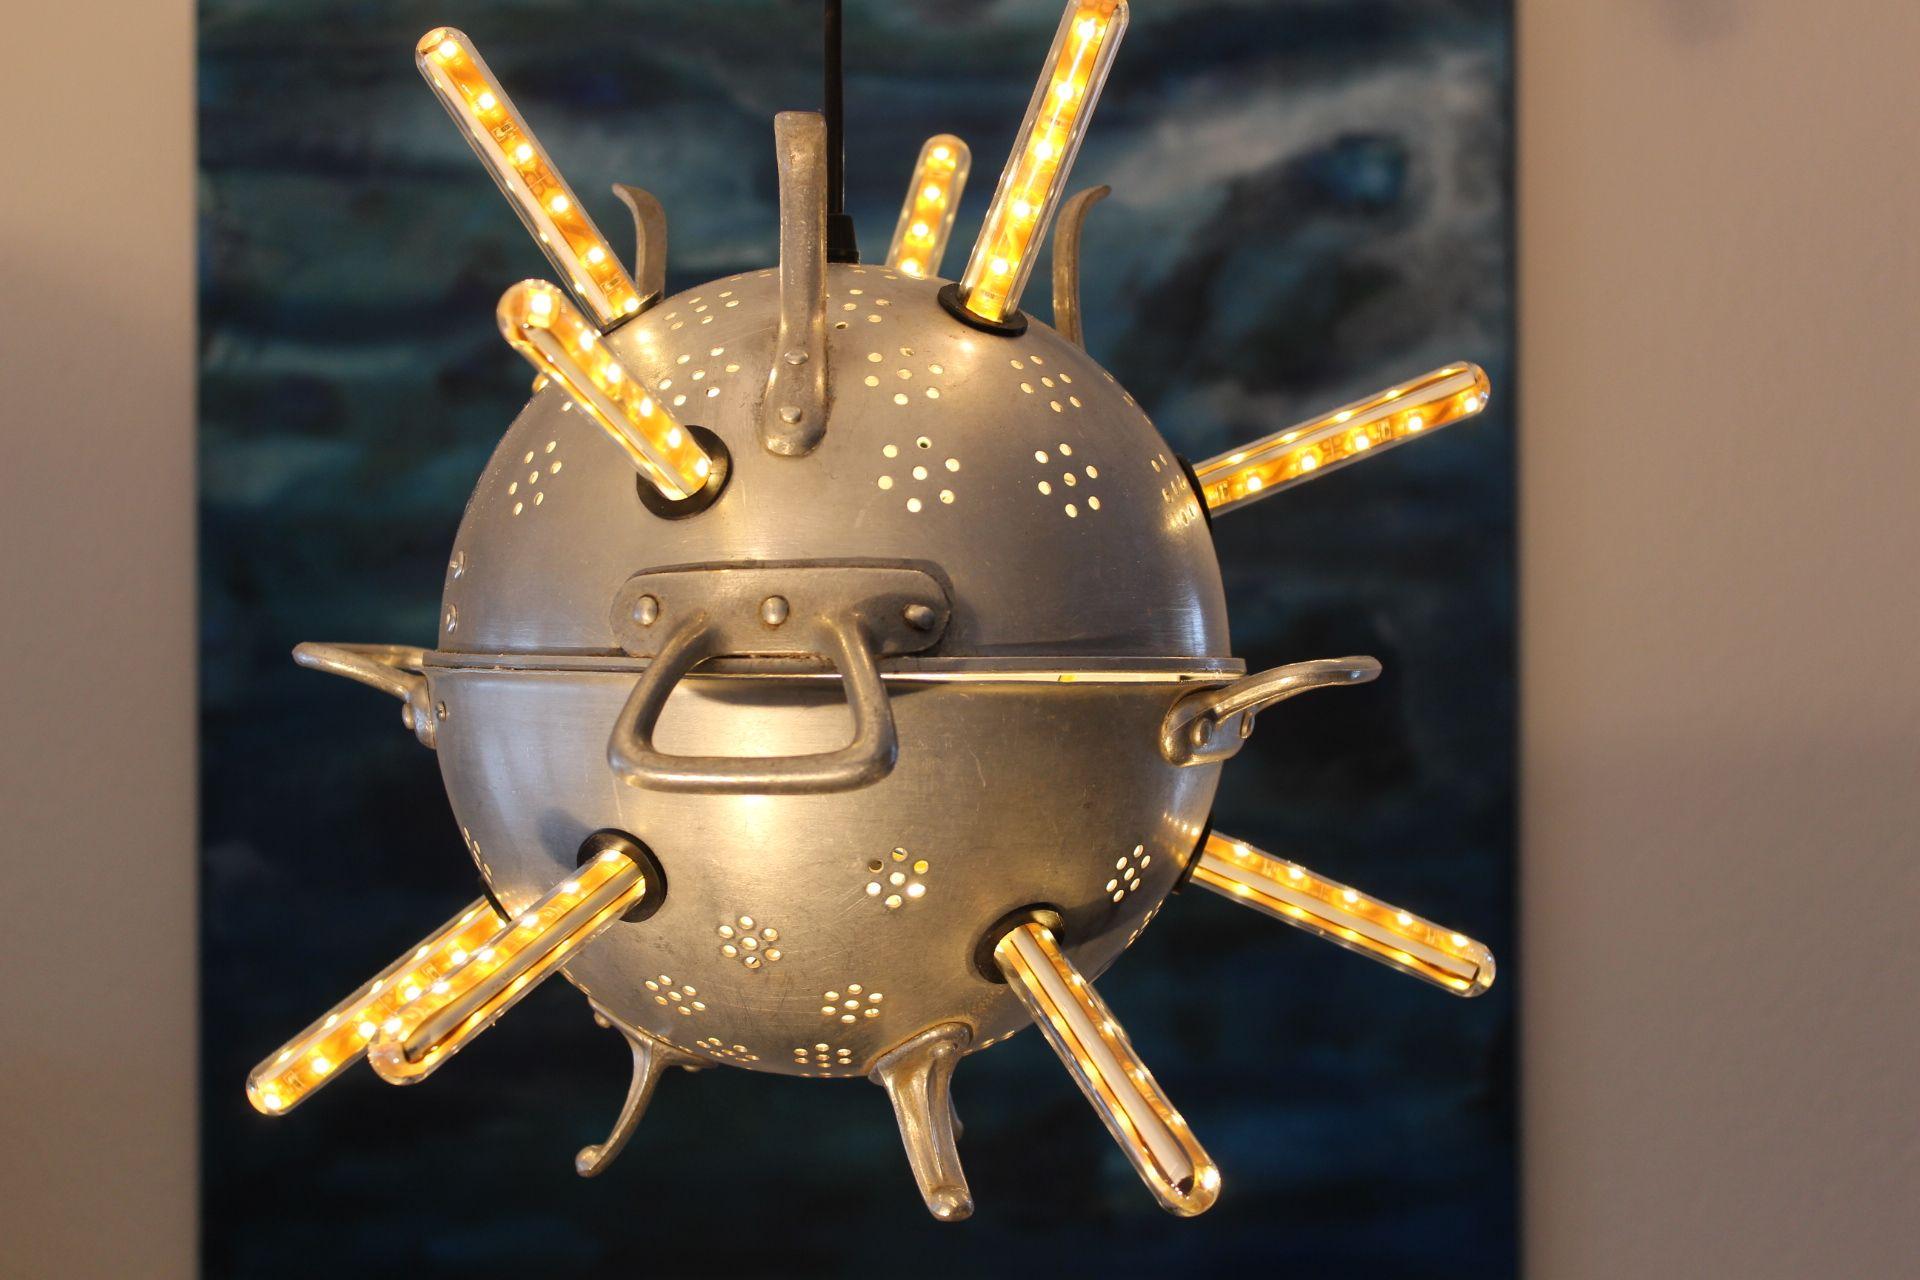 Selber gebaute Lampe aus Abtropfsieben. Upcycling, recycling Leuchte mit LED Streifen ...